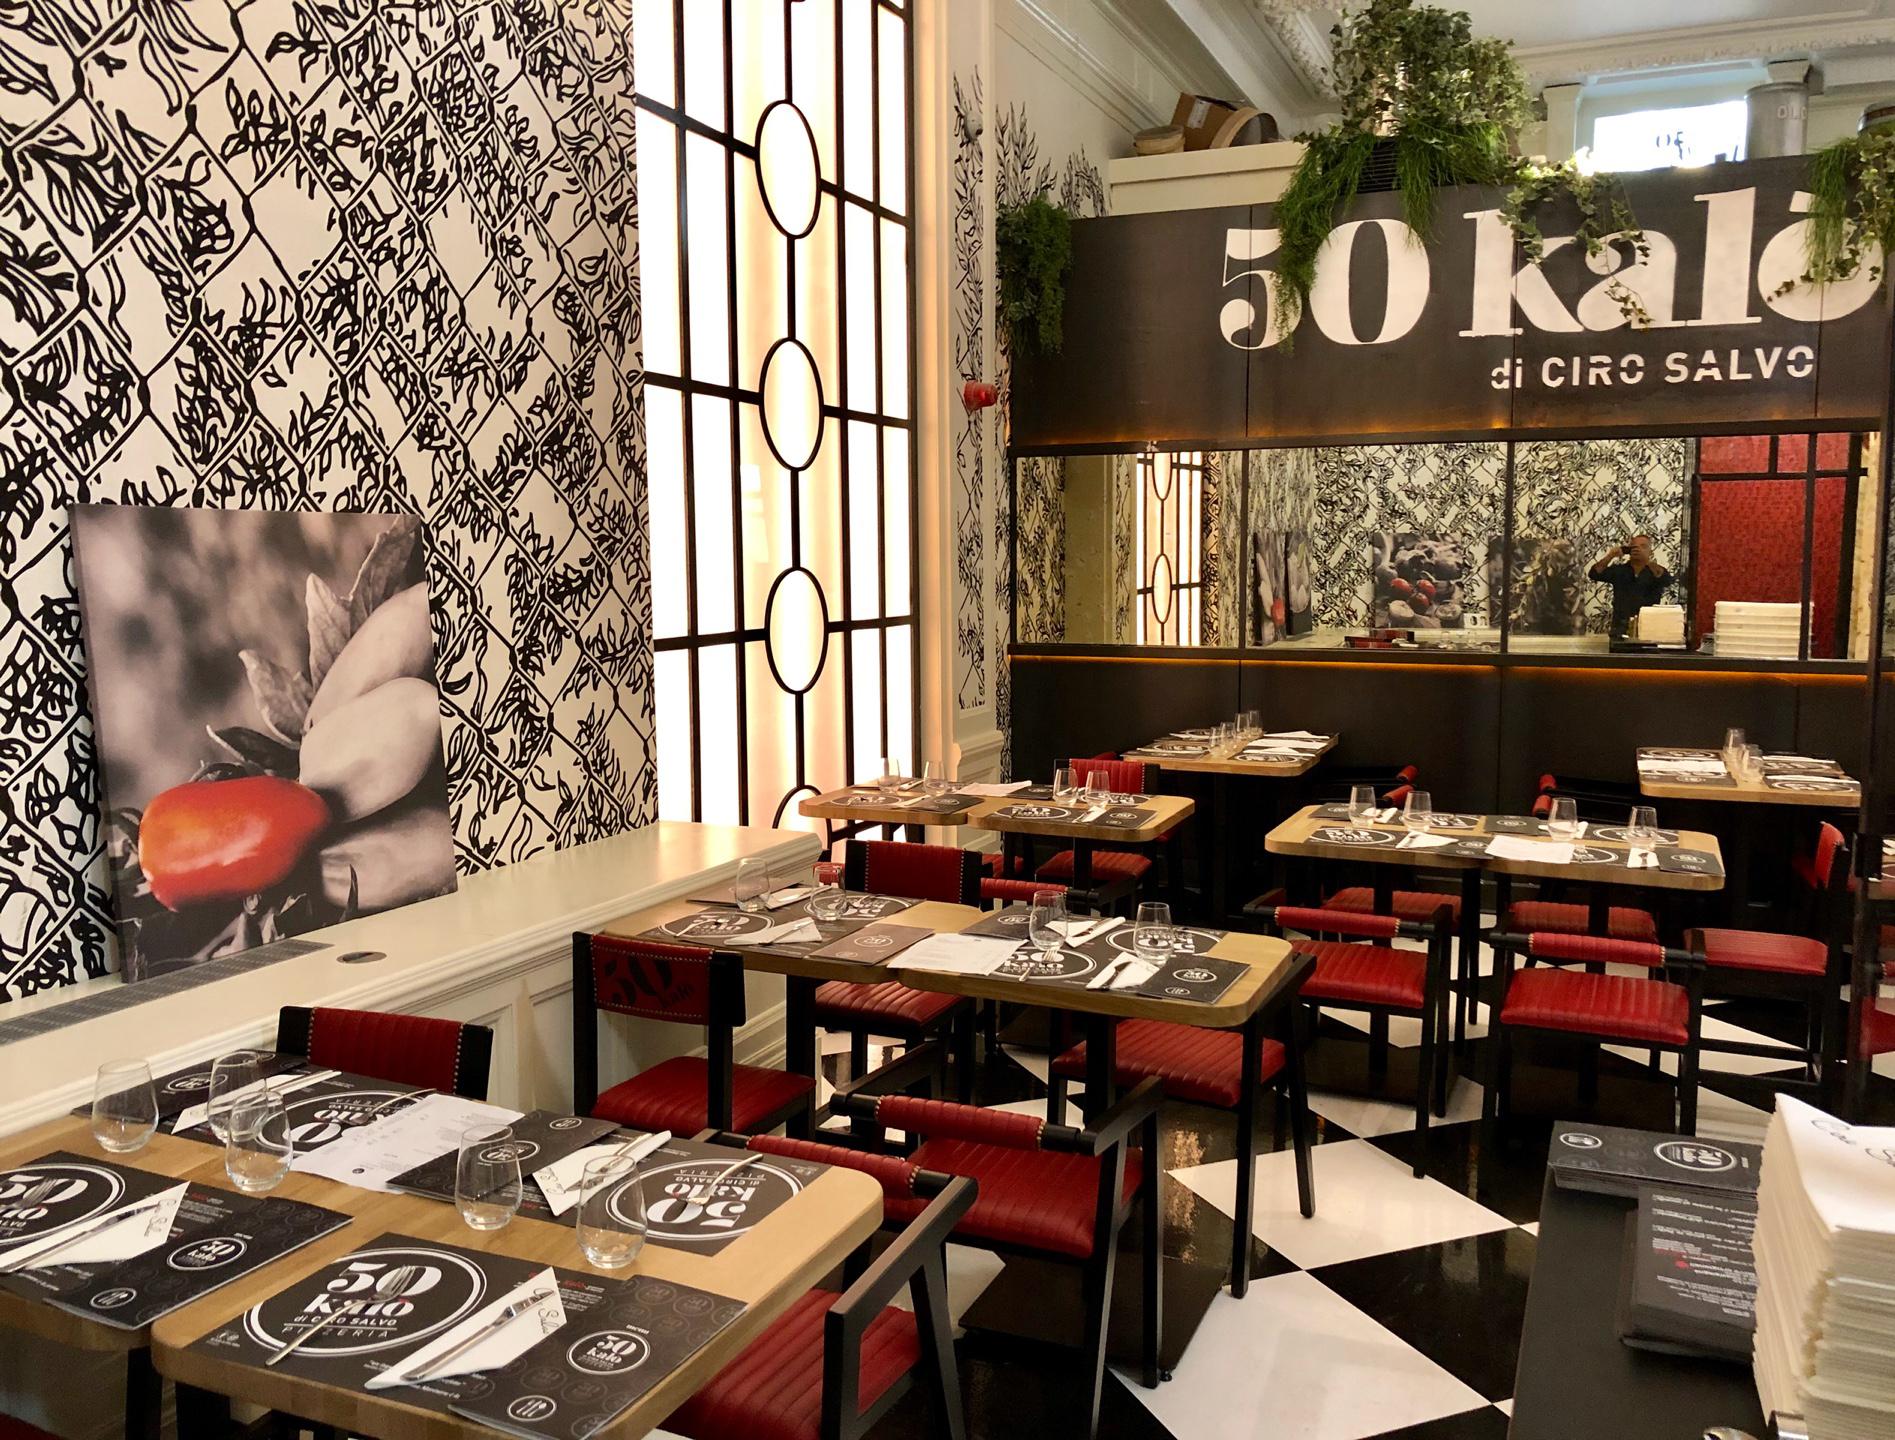 50 Kalò Pizzeria London di Ciro Salvo è la migliore pizzeria d'Europa  secondo 50 Top Pizza